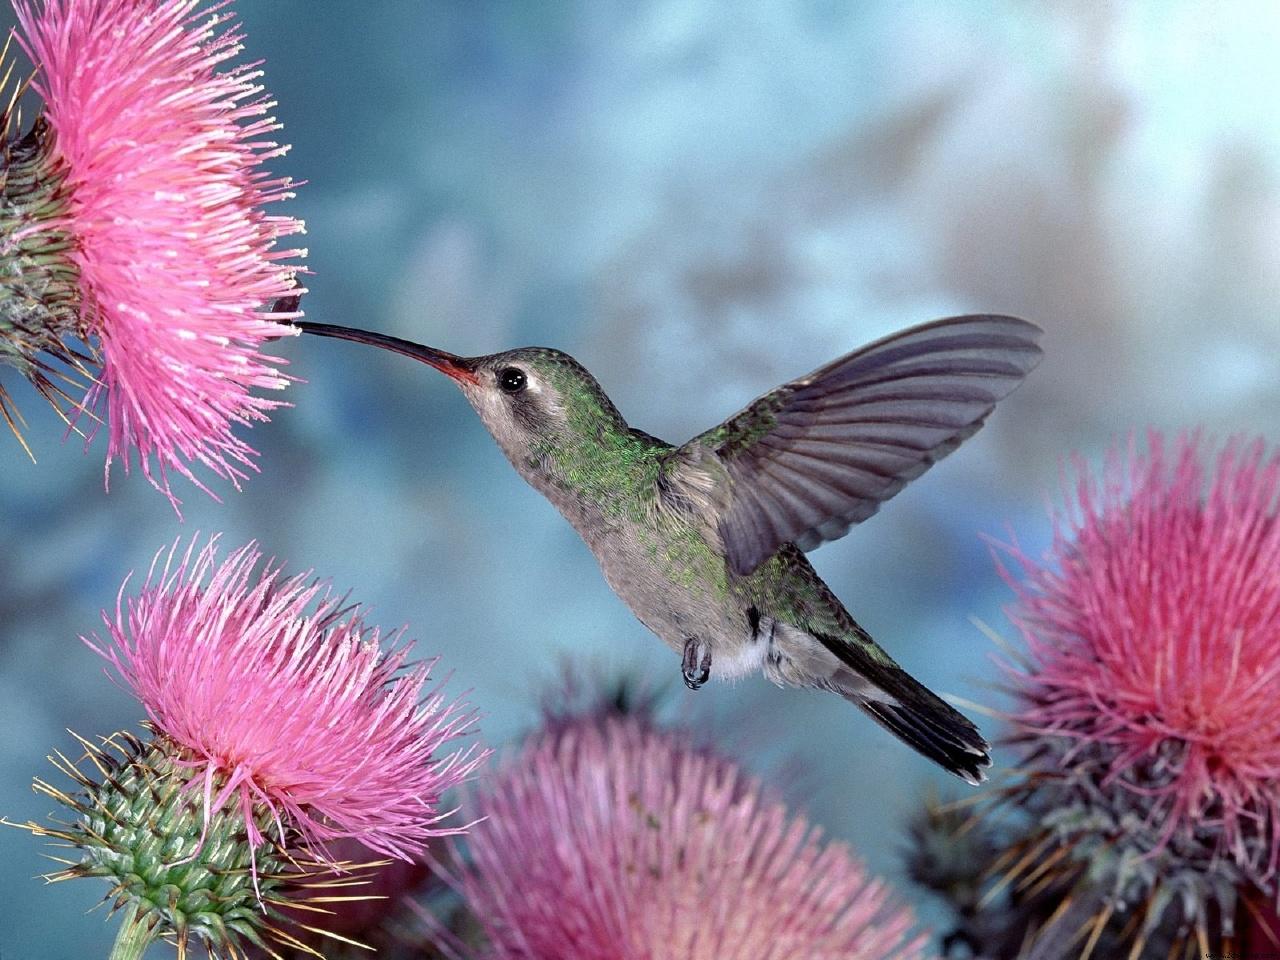 O Beija-folor beija a flor por interesse no néctar, eu mando um beijo para todas as mães, só por amor!